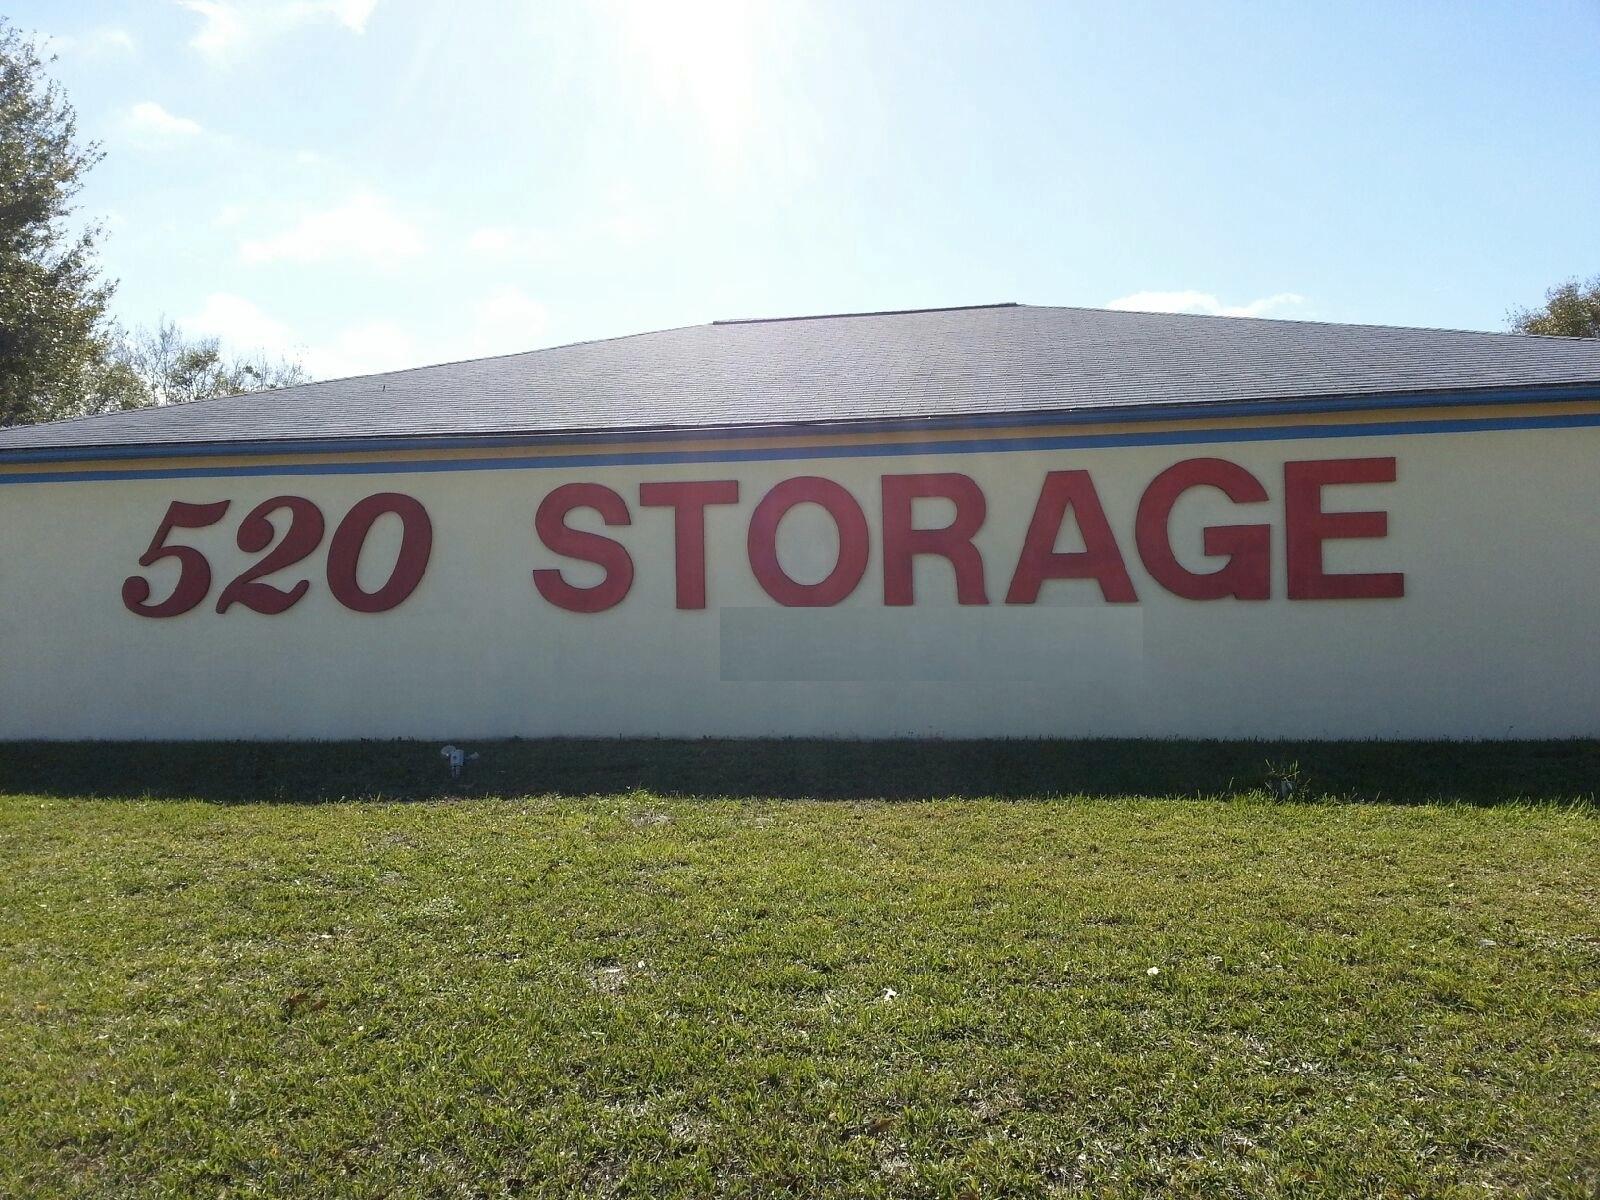 520 Storage